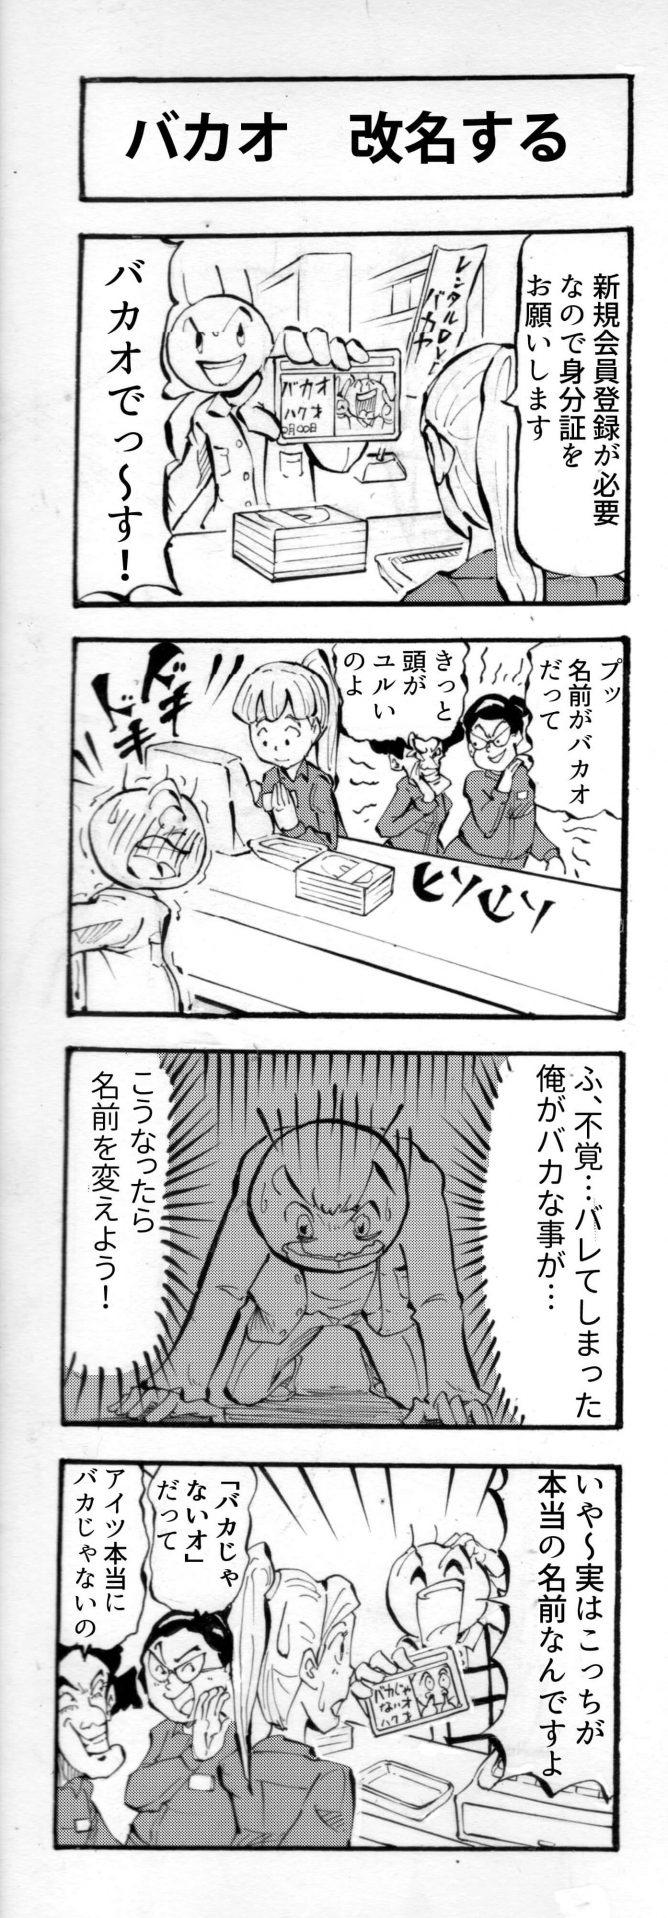 バカオ改名する,四コマ漫画